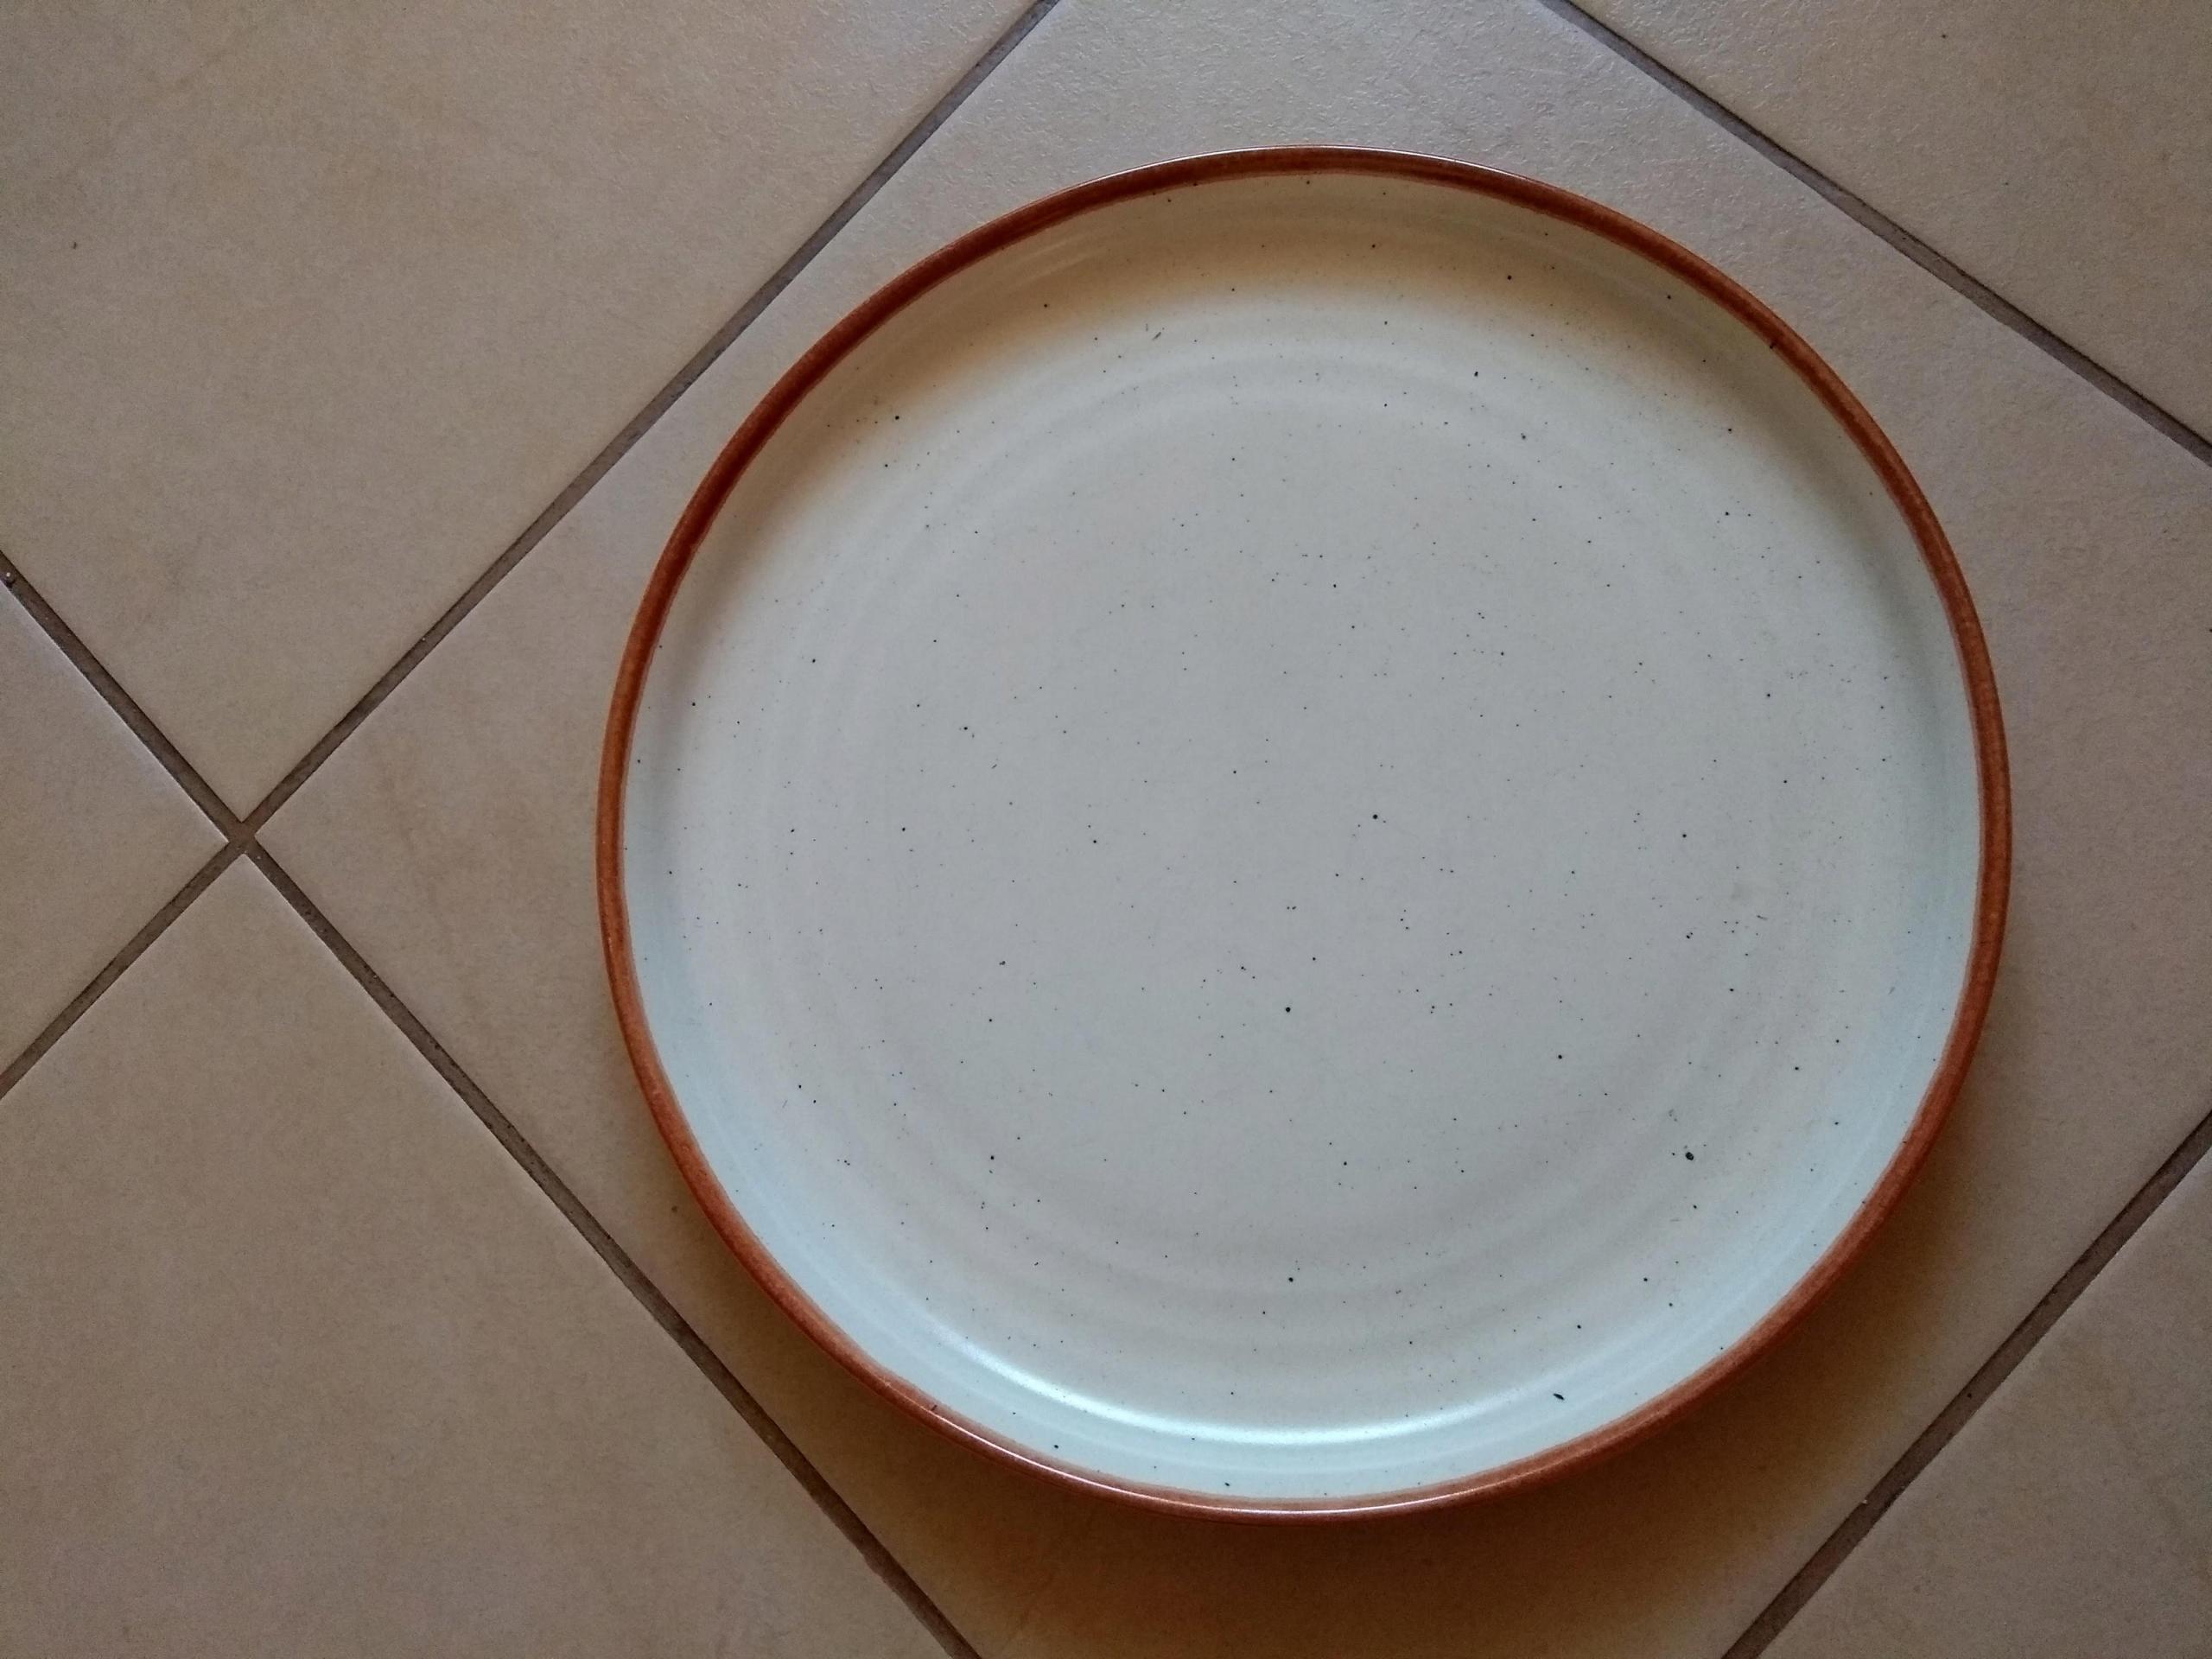 Ariane Talerz Płaski Porcelana Piaskowy 275 mm 12s